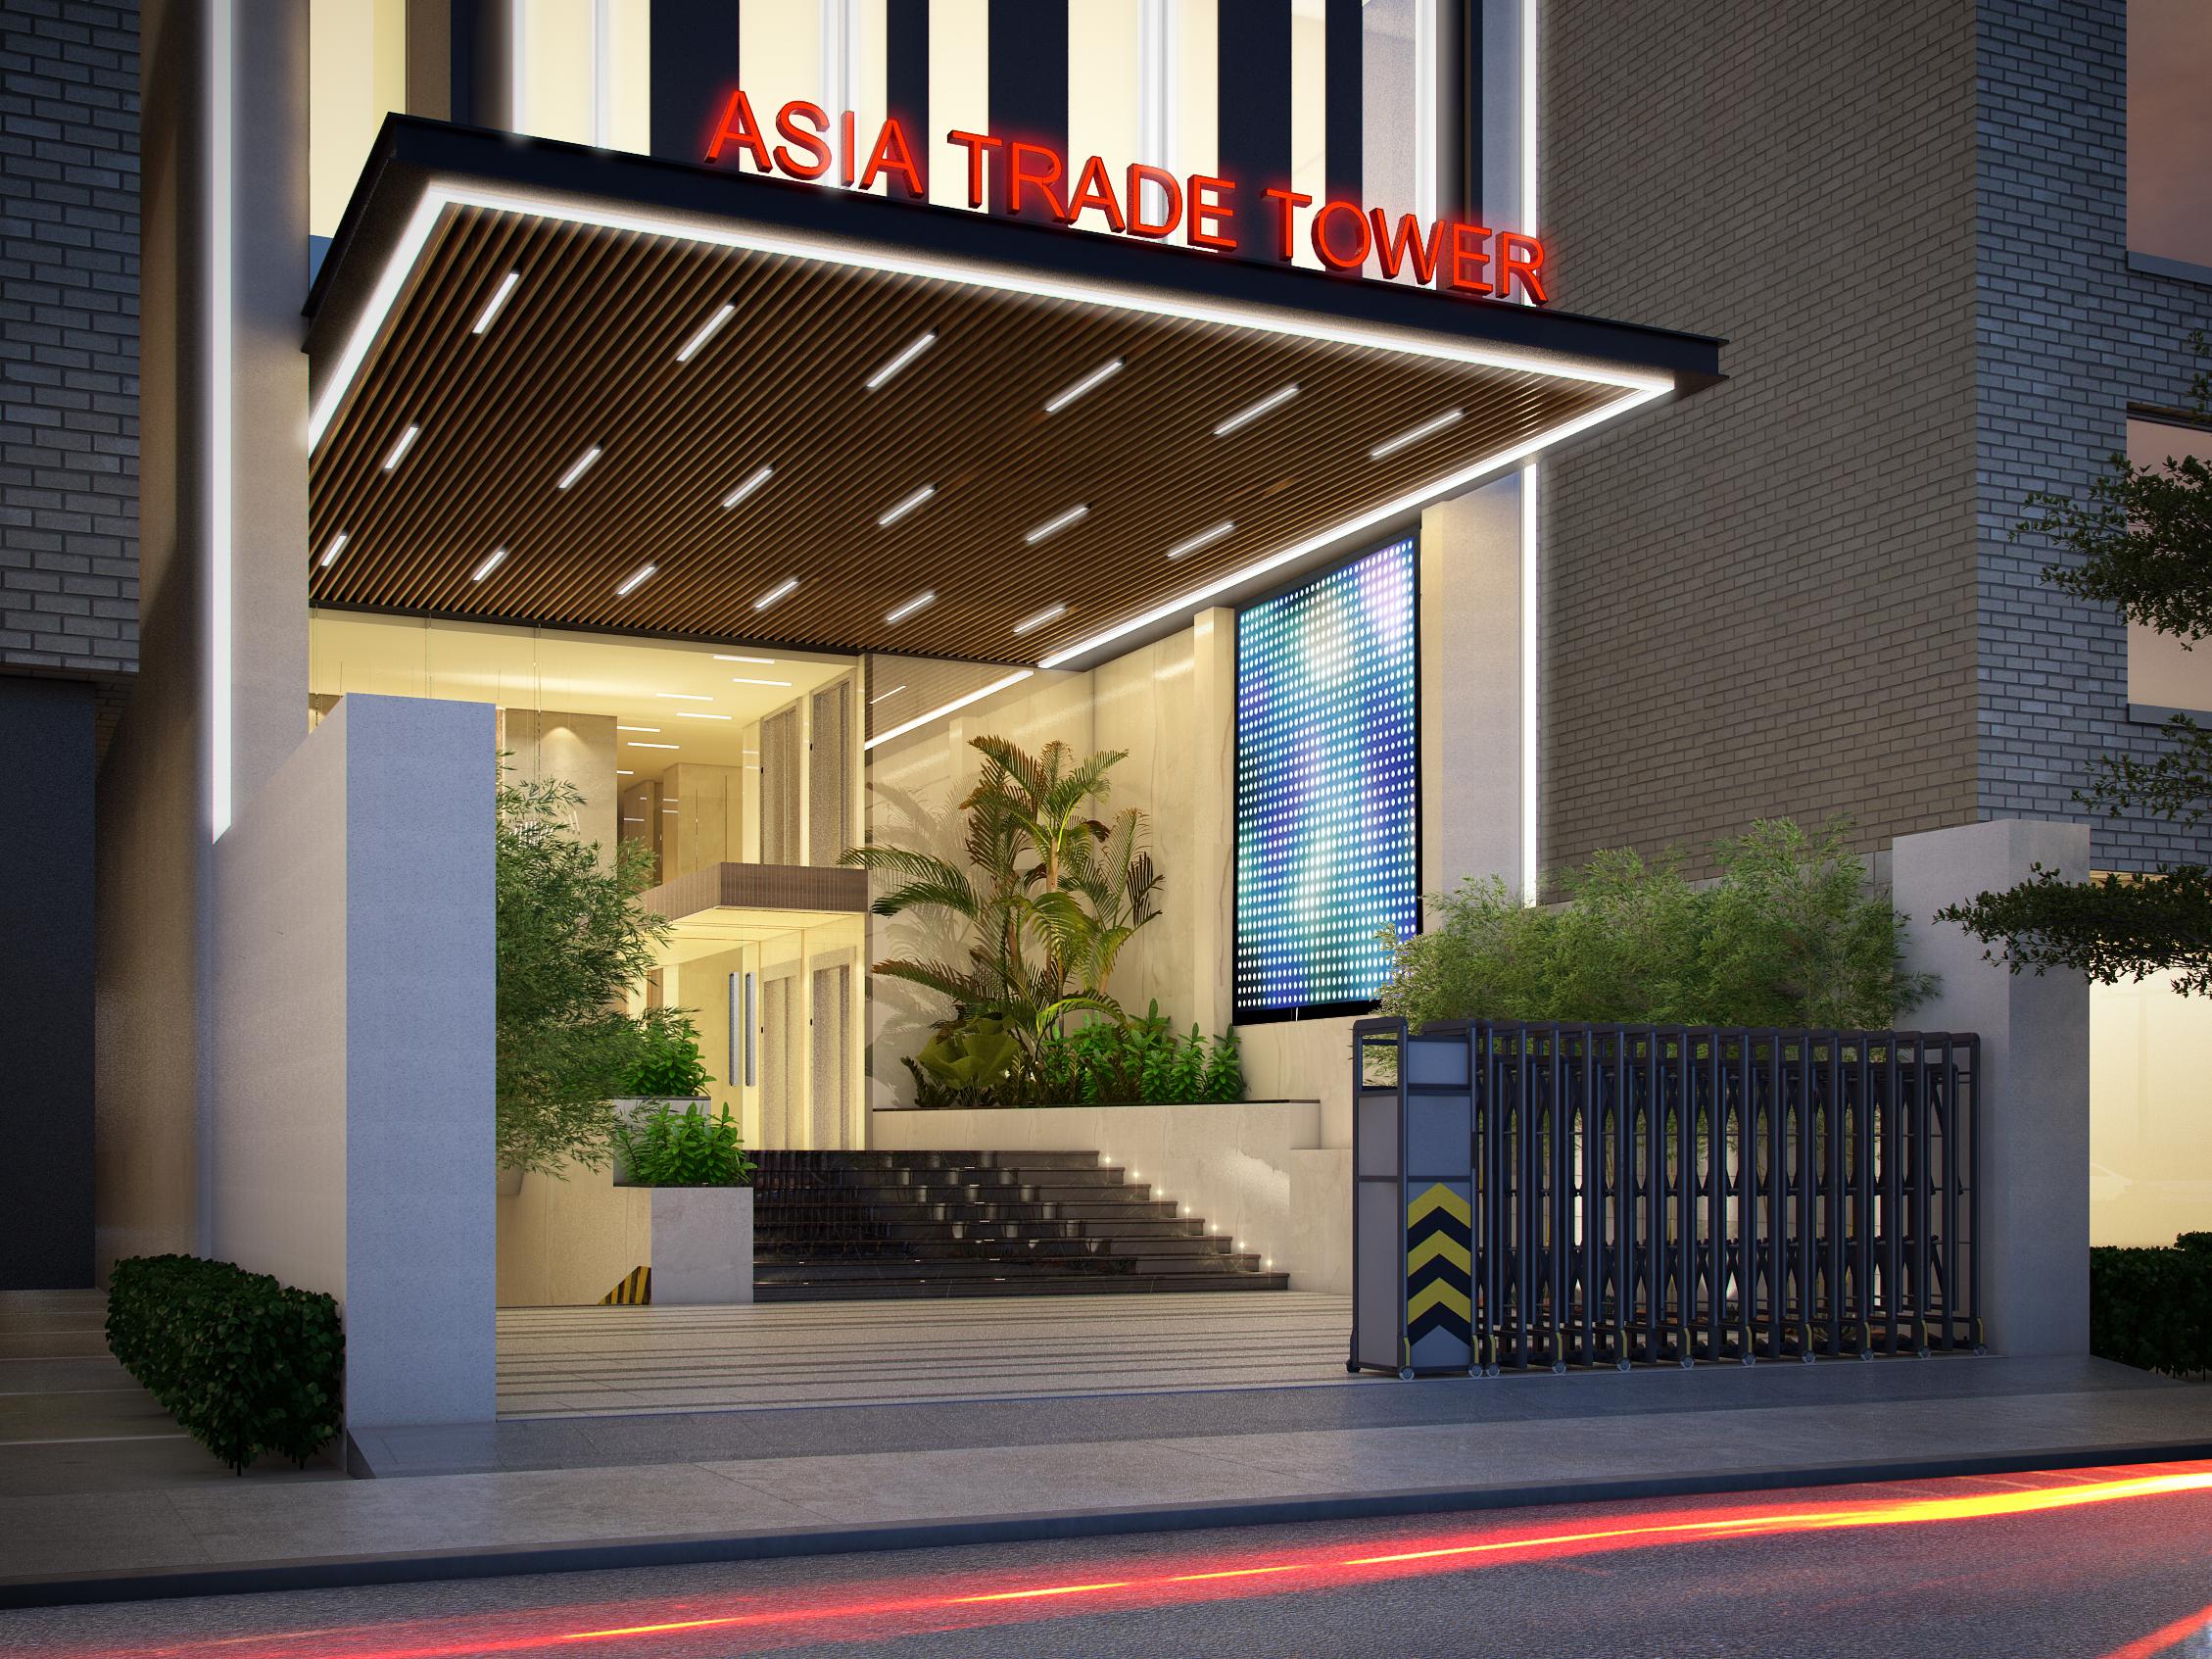 thiết kế nội thất Văn Phòng tại Hồ Chí Minh ASIA TRADE TOWER 11 1548399477